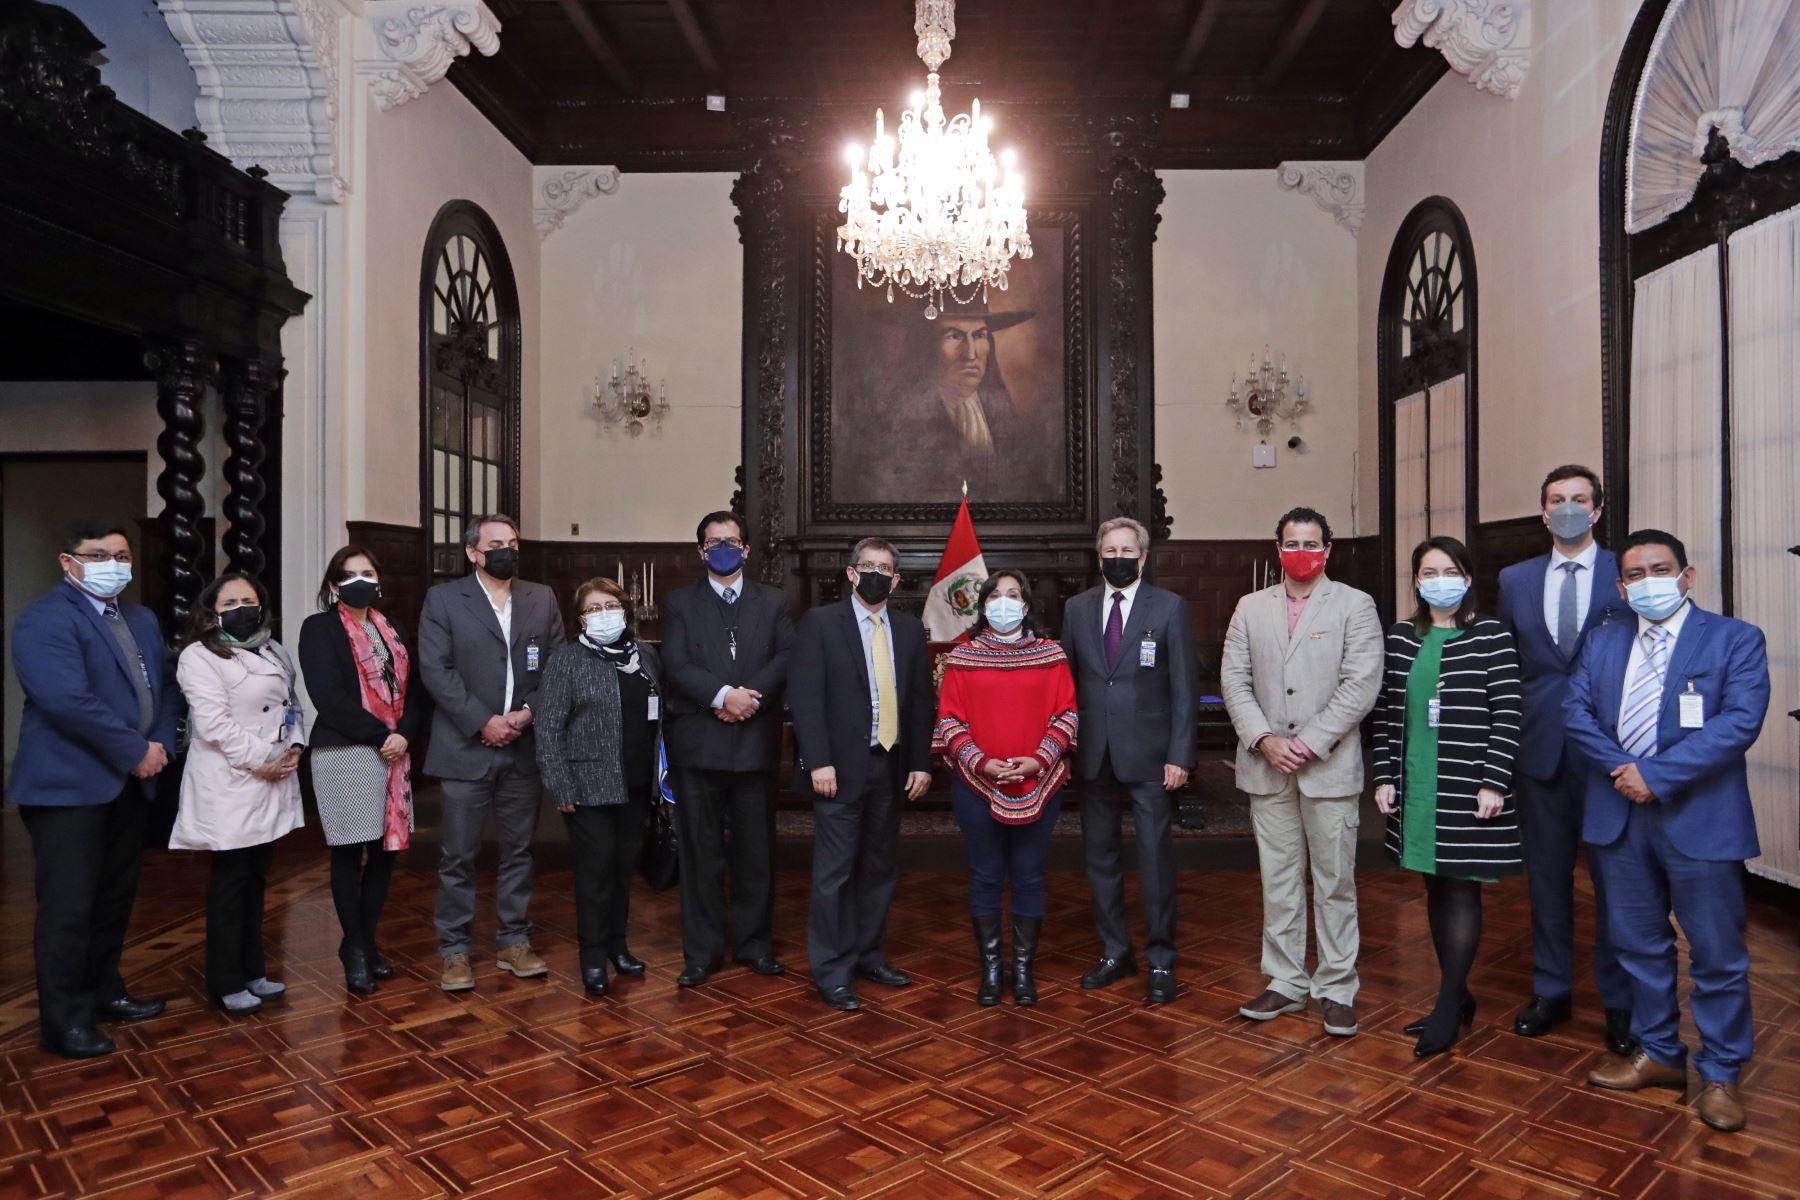 La vicepresidenta Dina Boluarte se reunió con los operadores aerocomerciales y turísticos. Foto: ANDINA/Prensa Presidencia